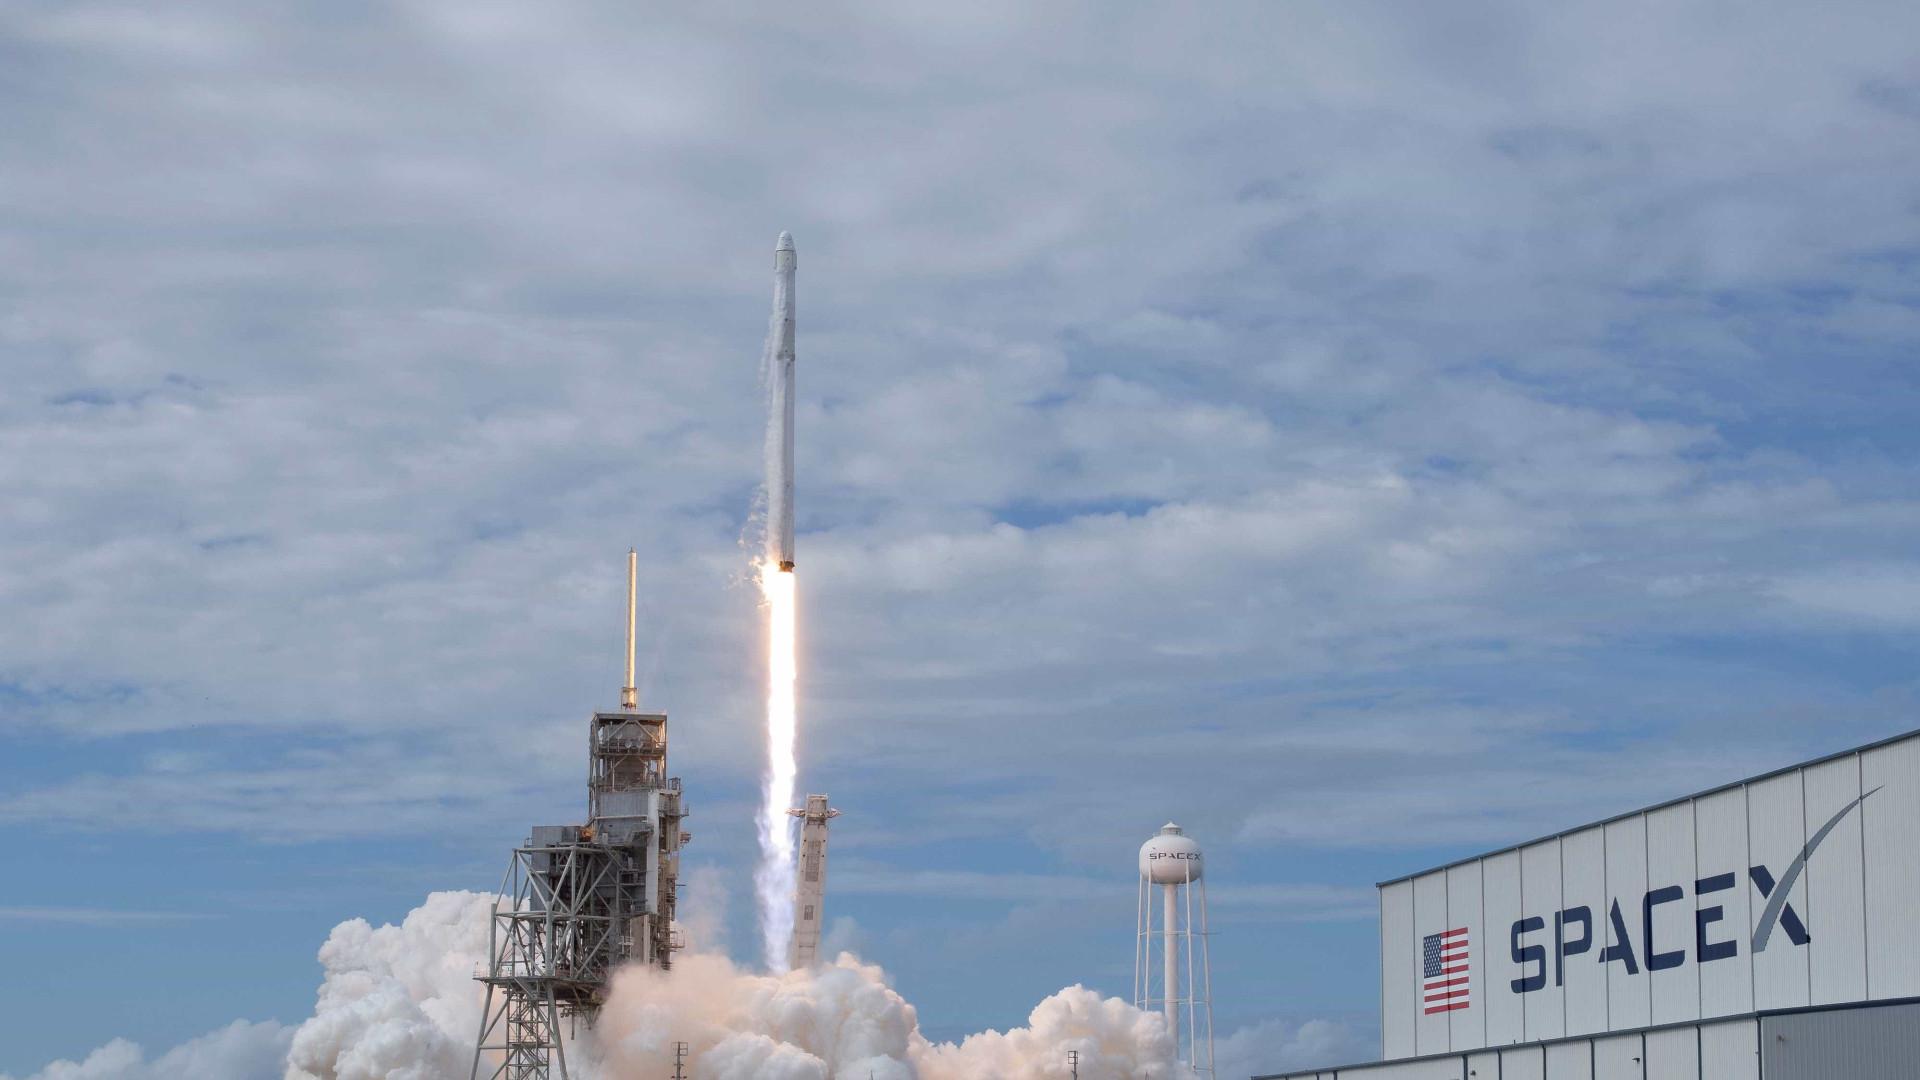 Animação mostra como será o lançamento do primeiro Falcon Heavy da SpaceX